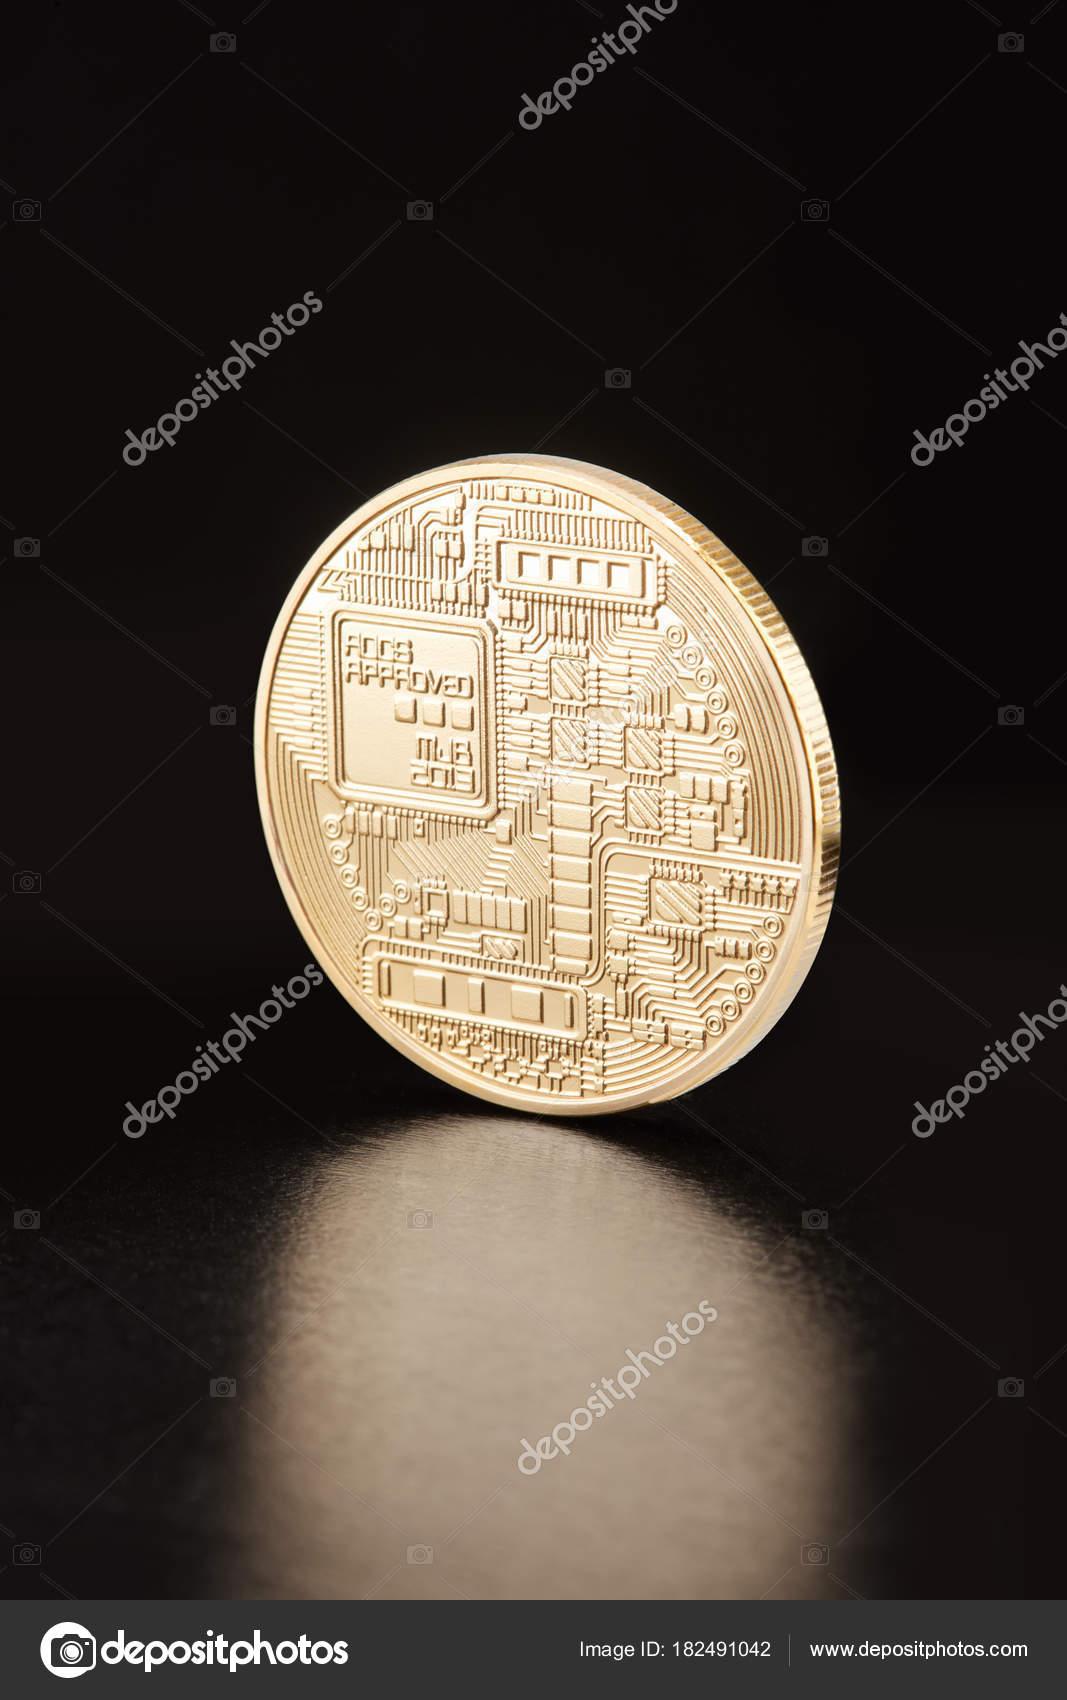 Bitcoin dourado cryptocurrency na cor preta traado de recorte bitcoin dourado cryptocurrency na cor preta traado de recorte fotografia de stock ccuart Images